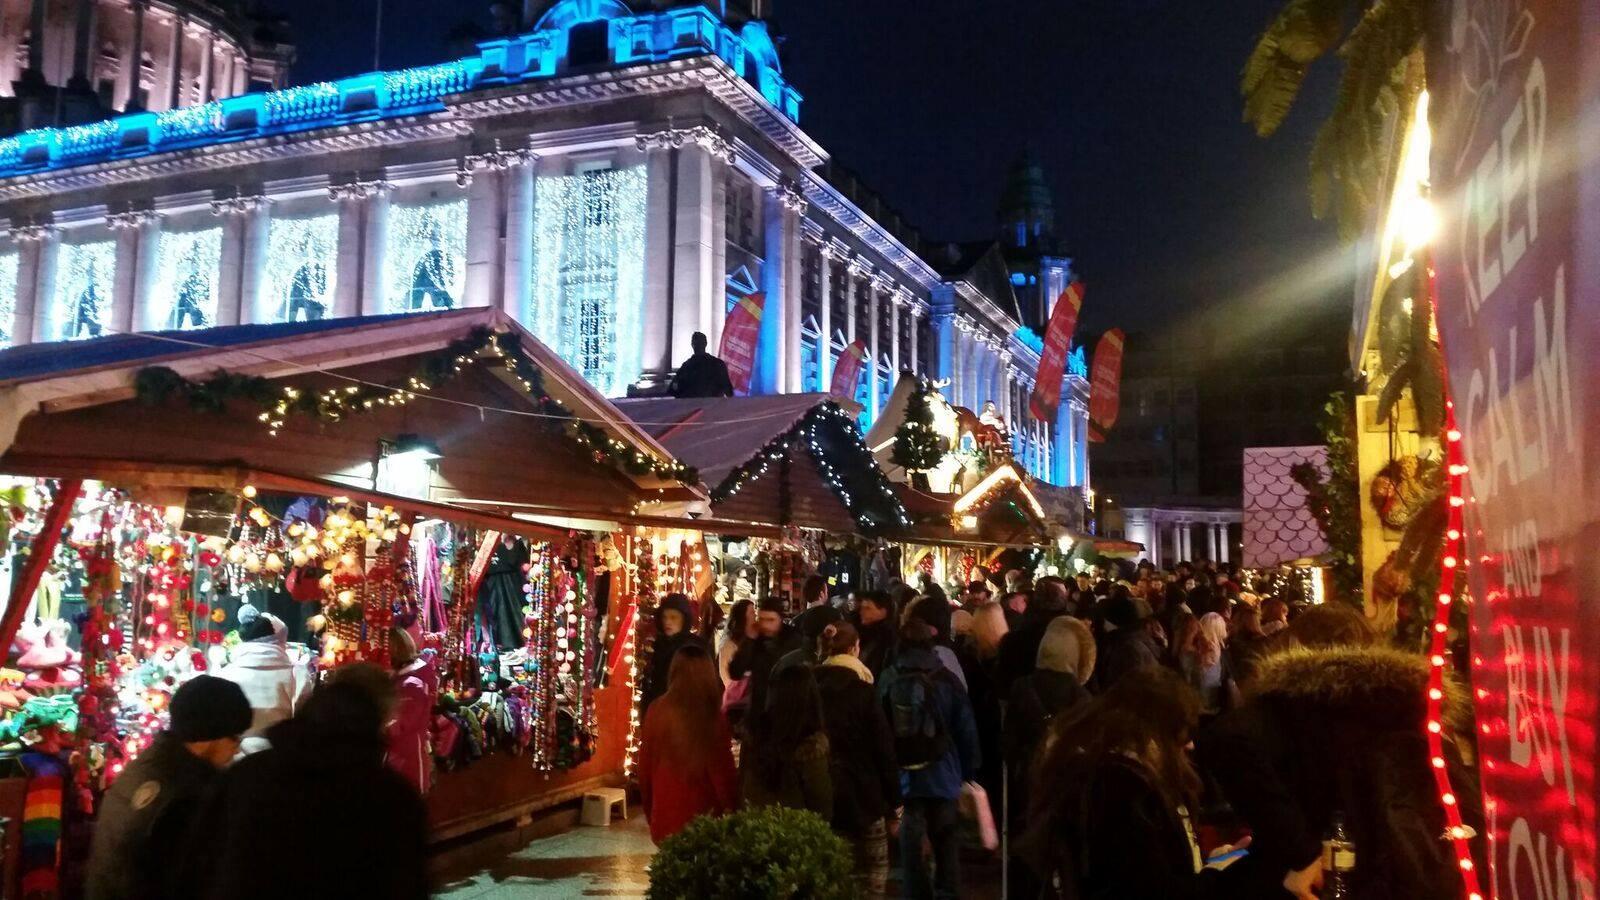 belfast christmas market pictures